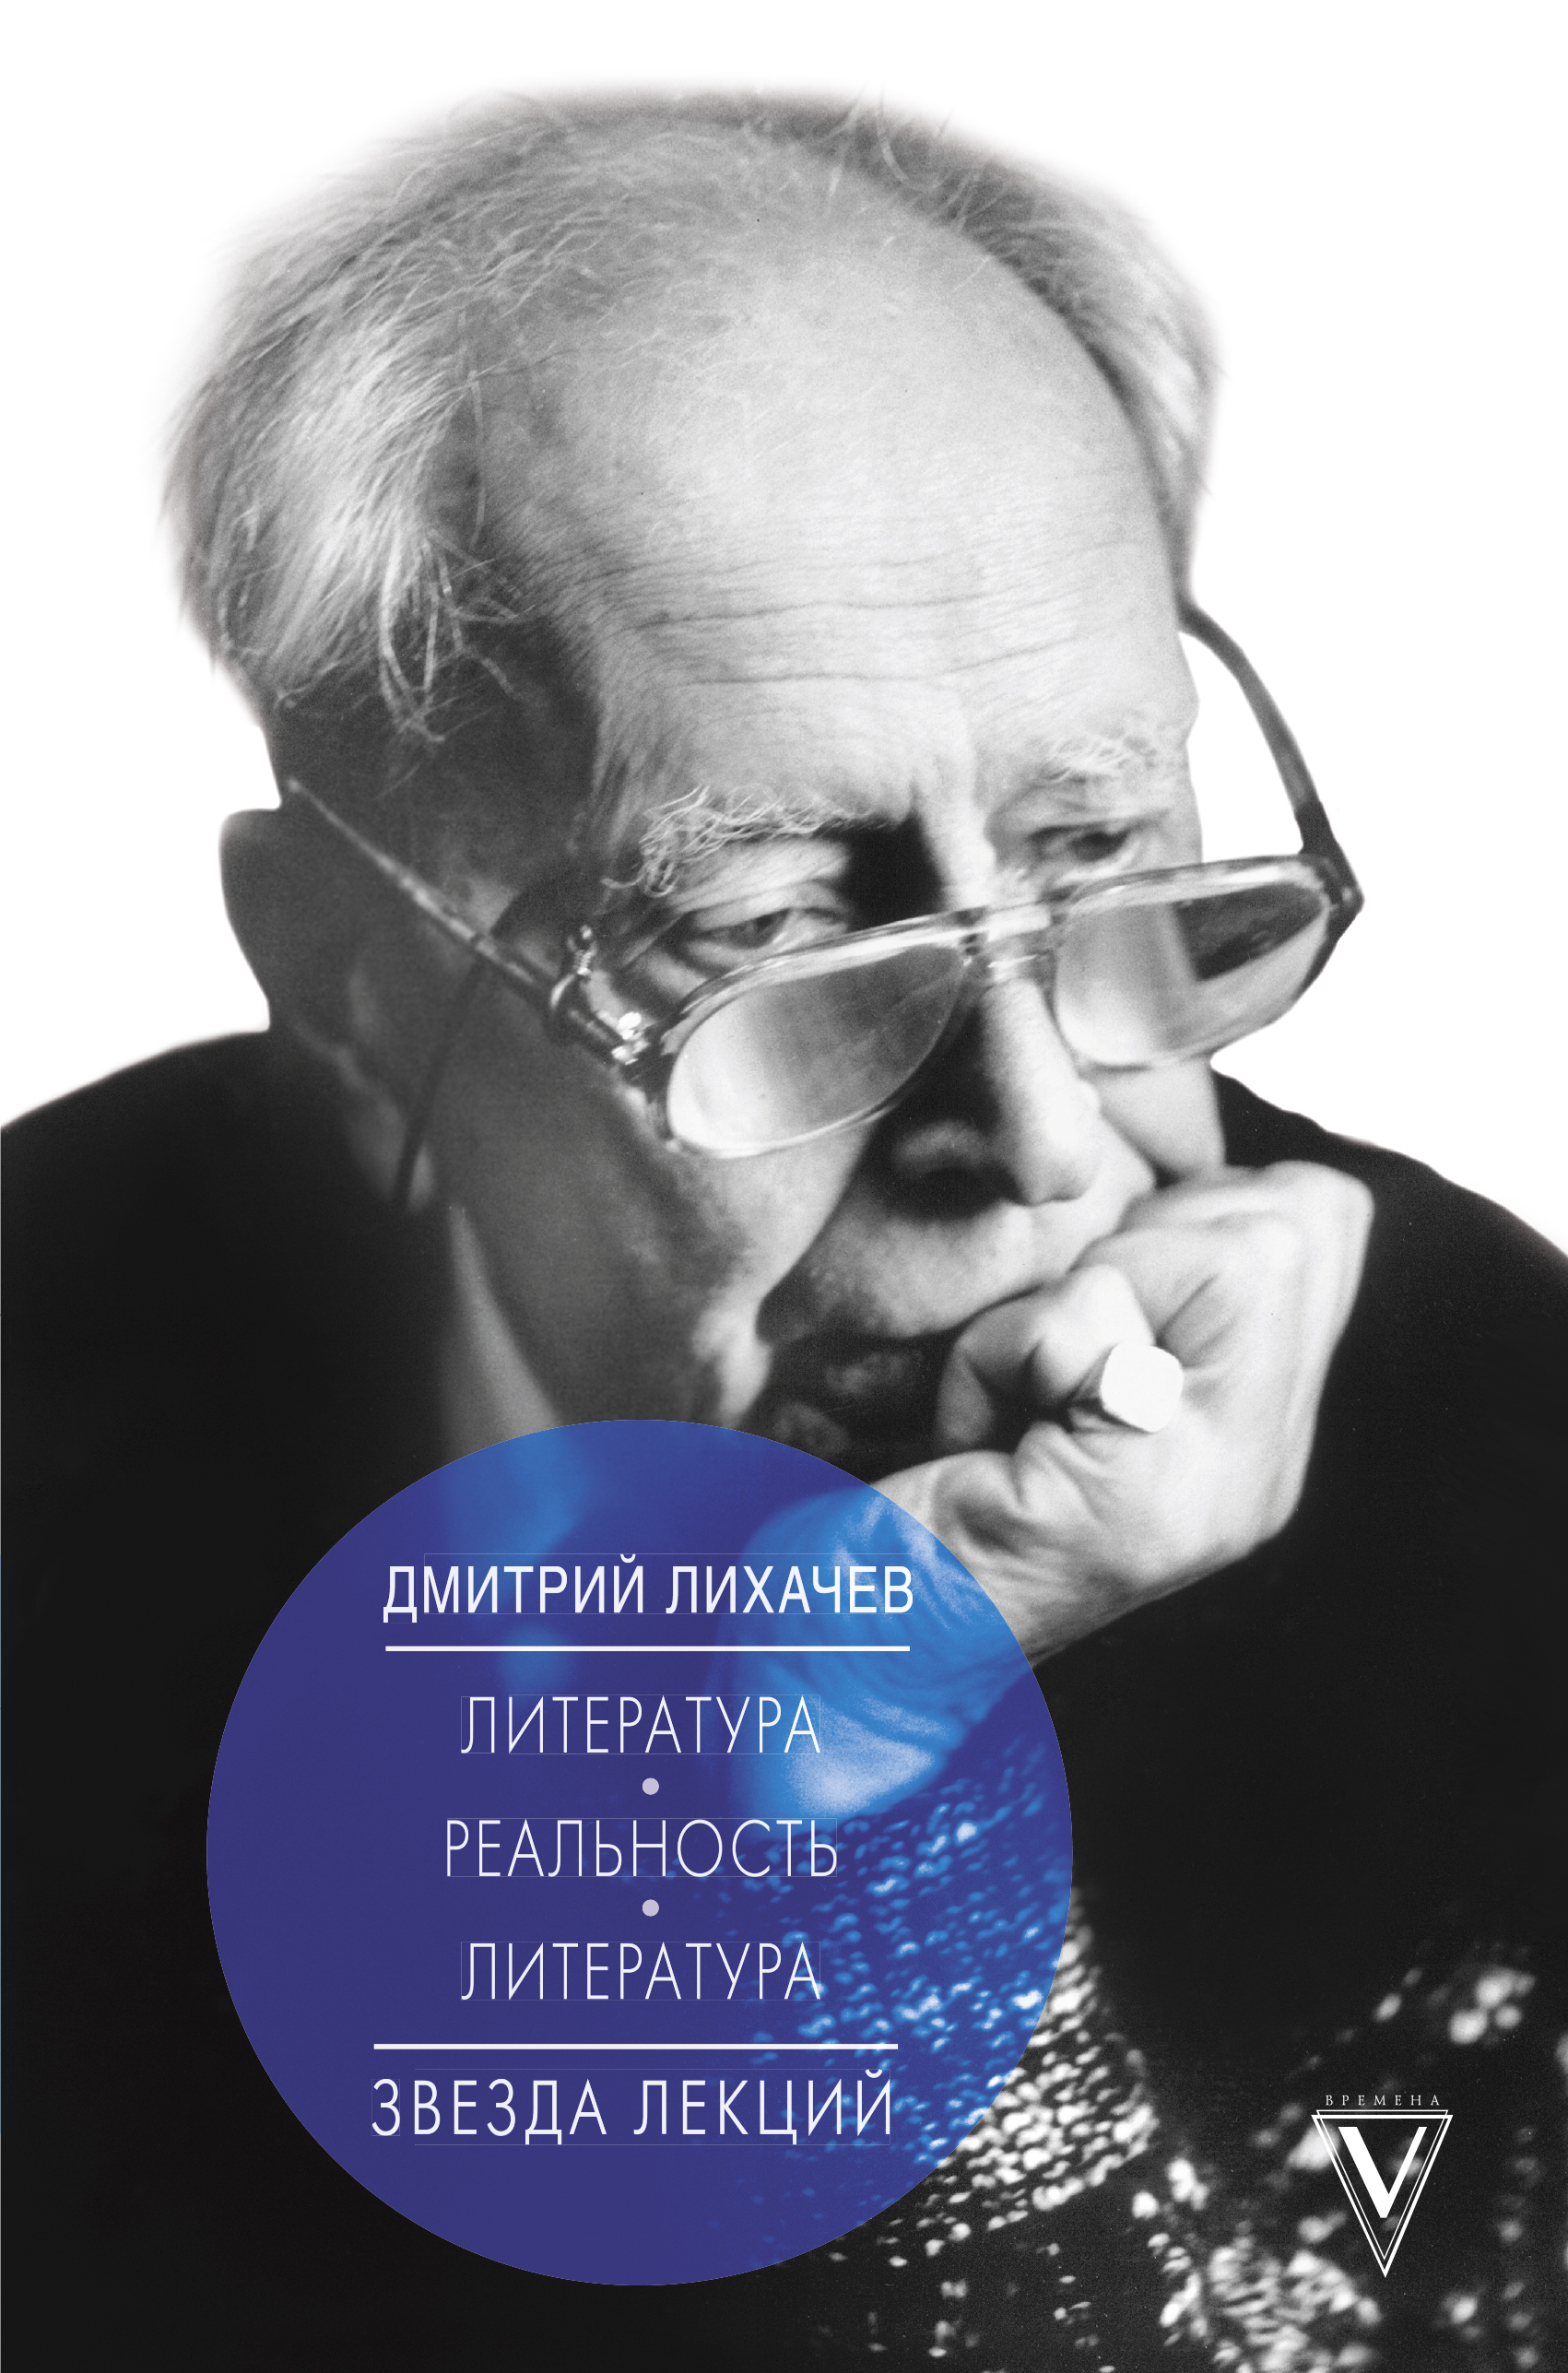 Литература - реальность - литература от book24.ru